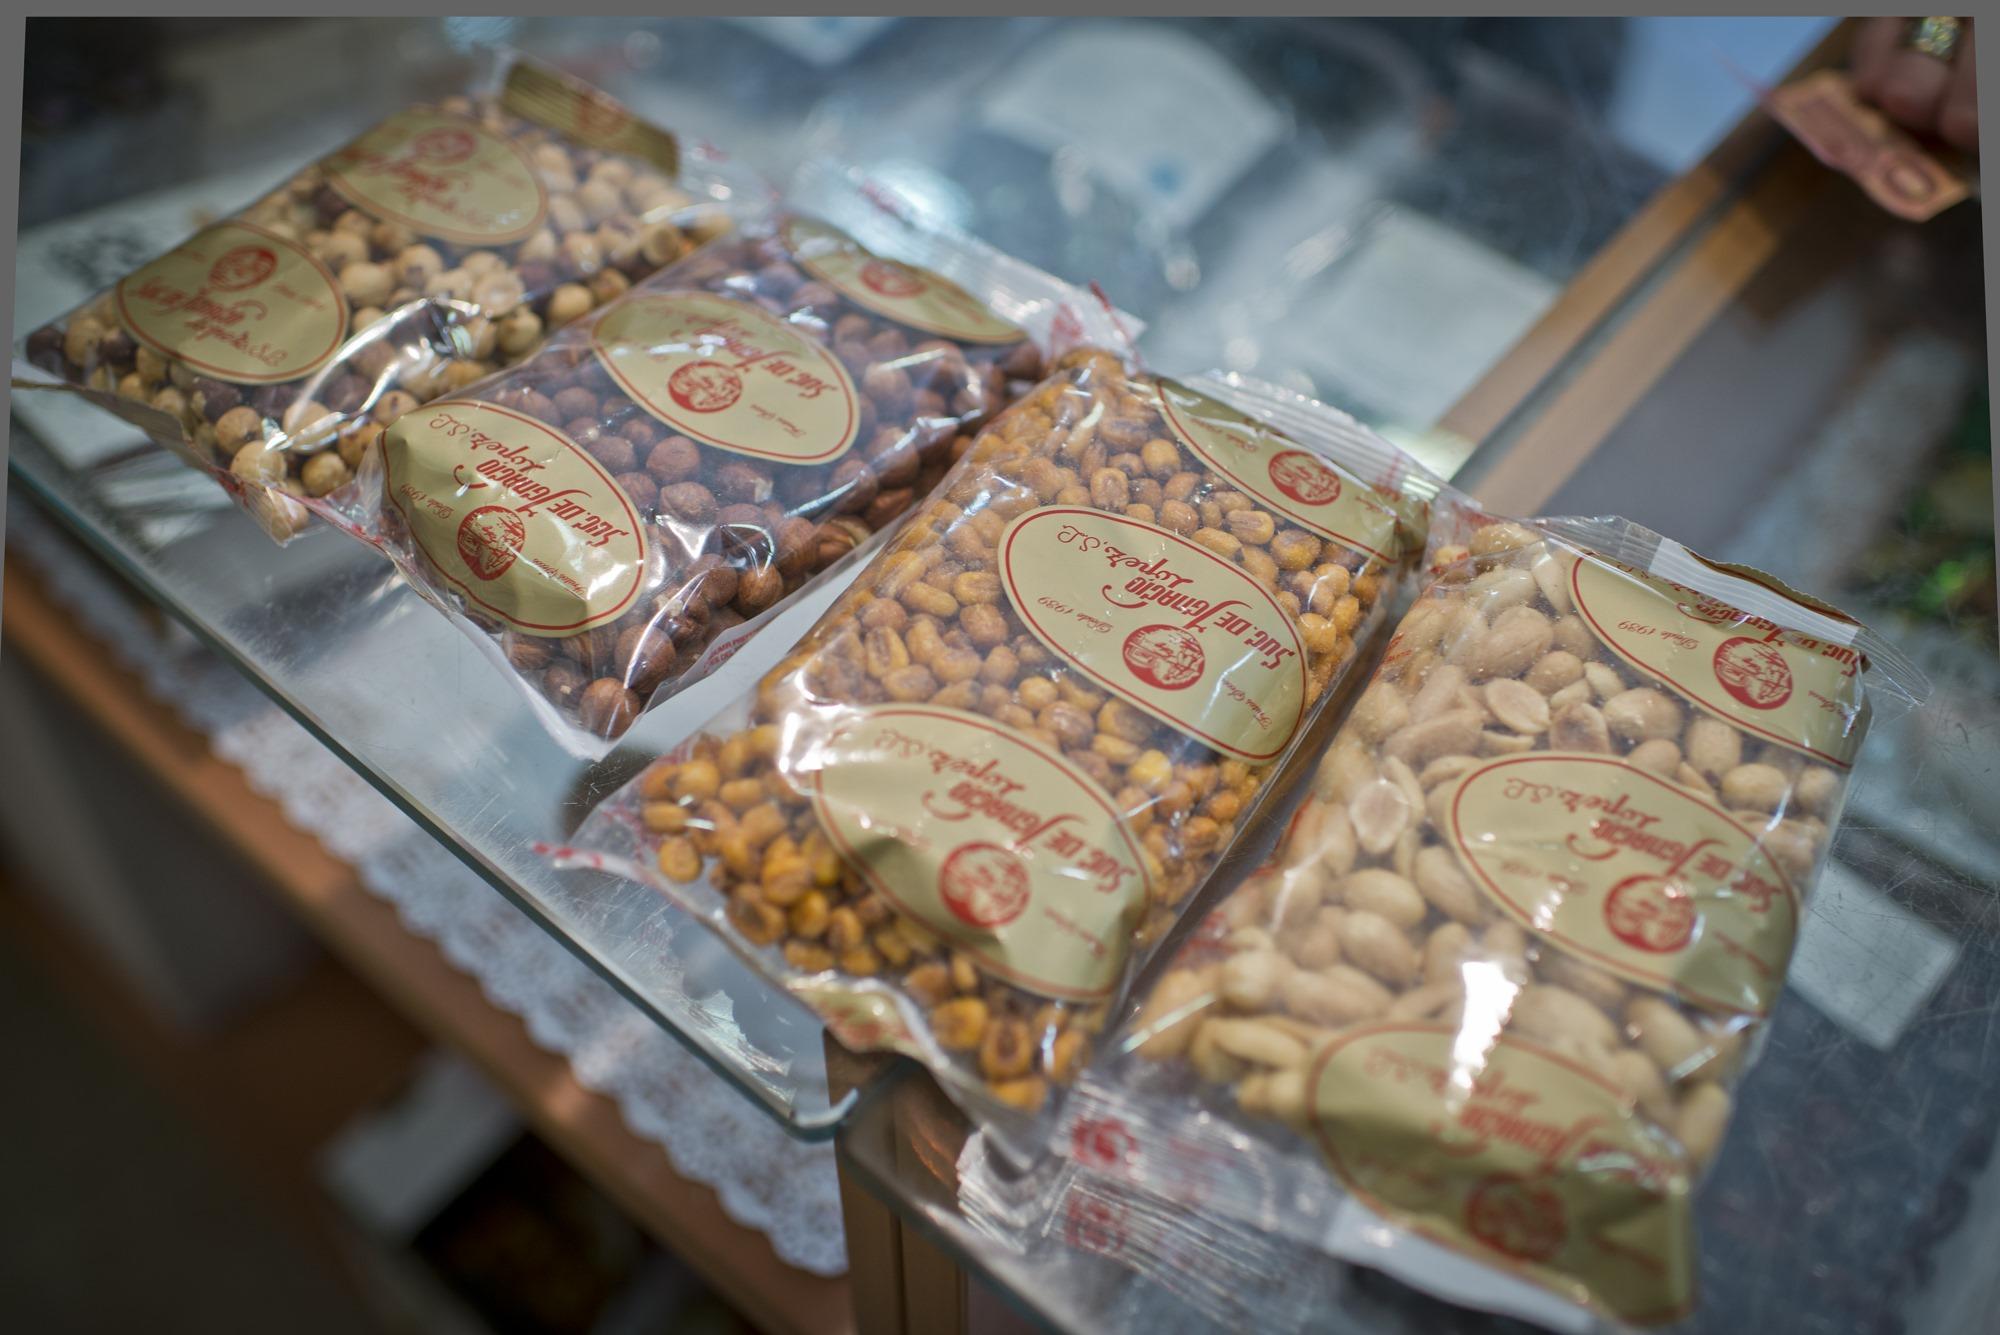 Más de 70 referencias atesoran los dueños de una de las tiendas de frutos secos más antiguas de la capital.